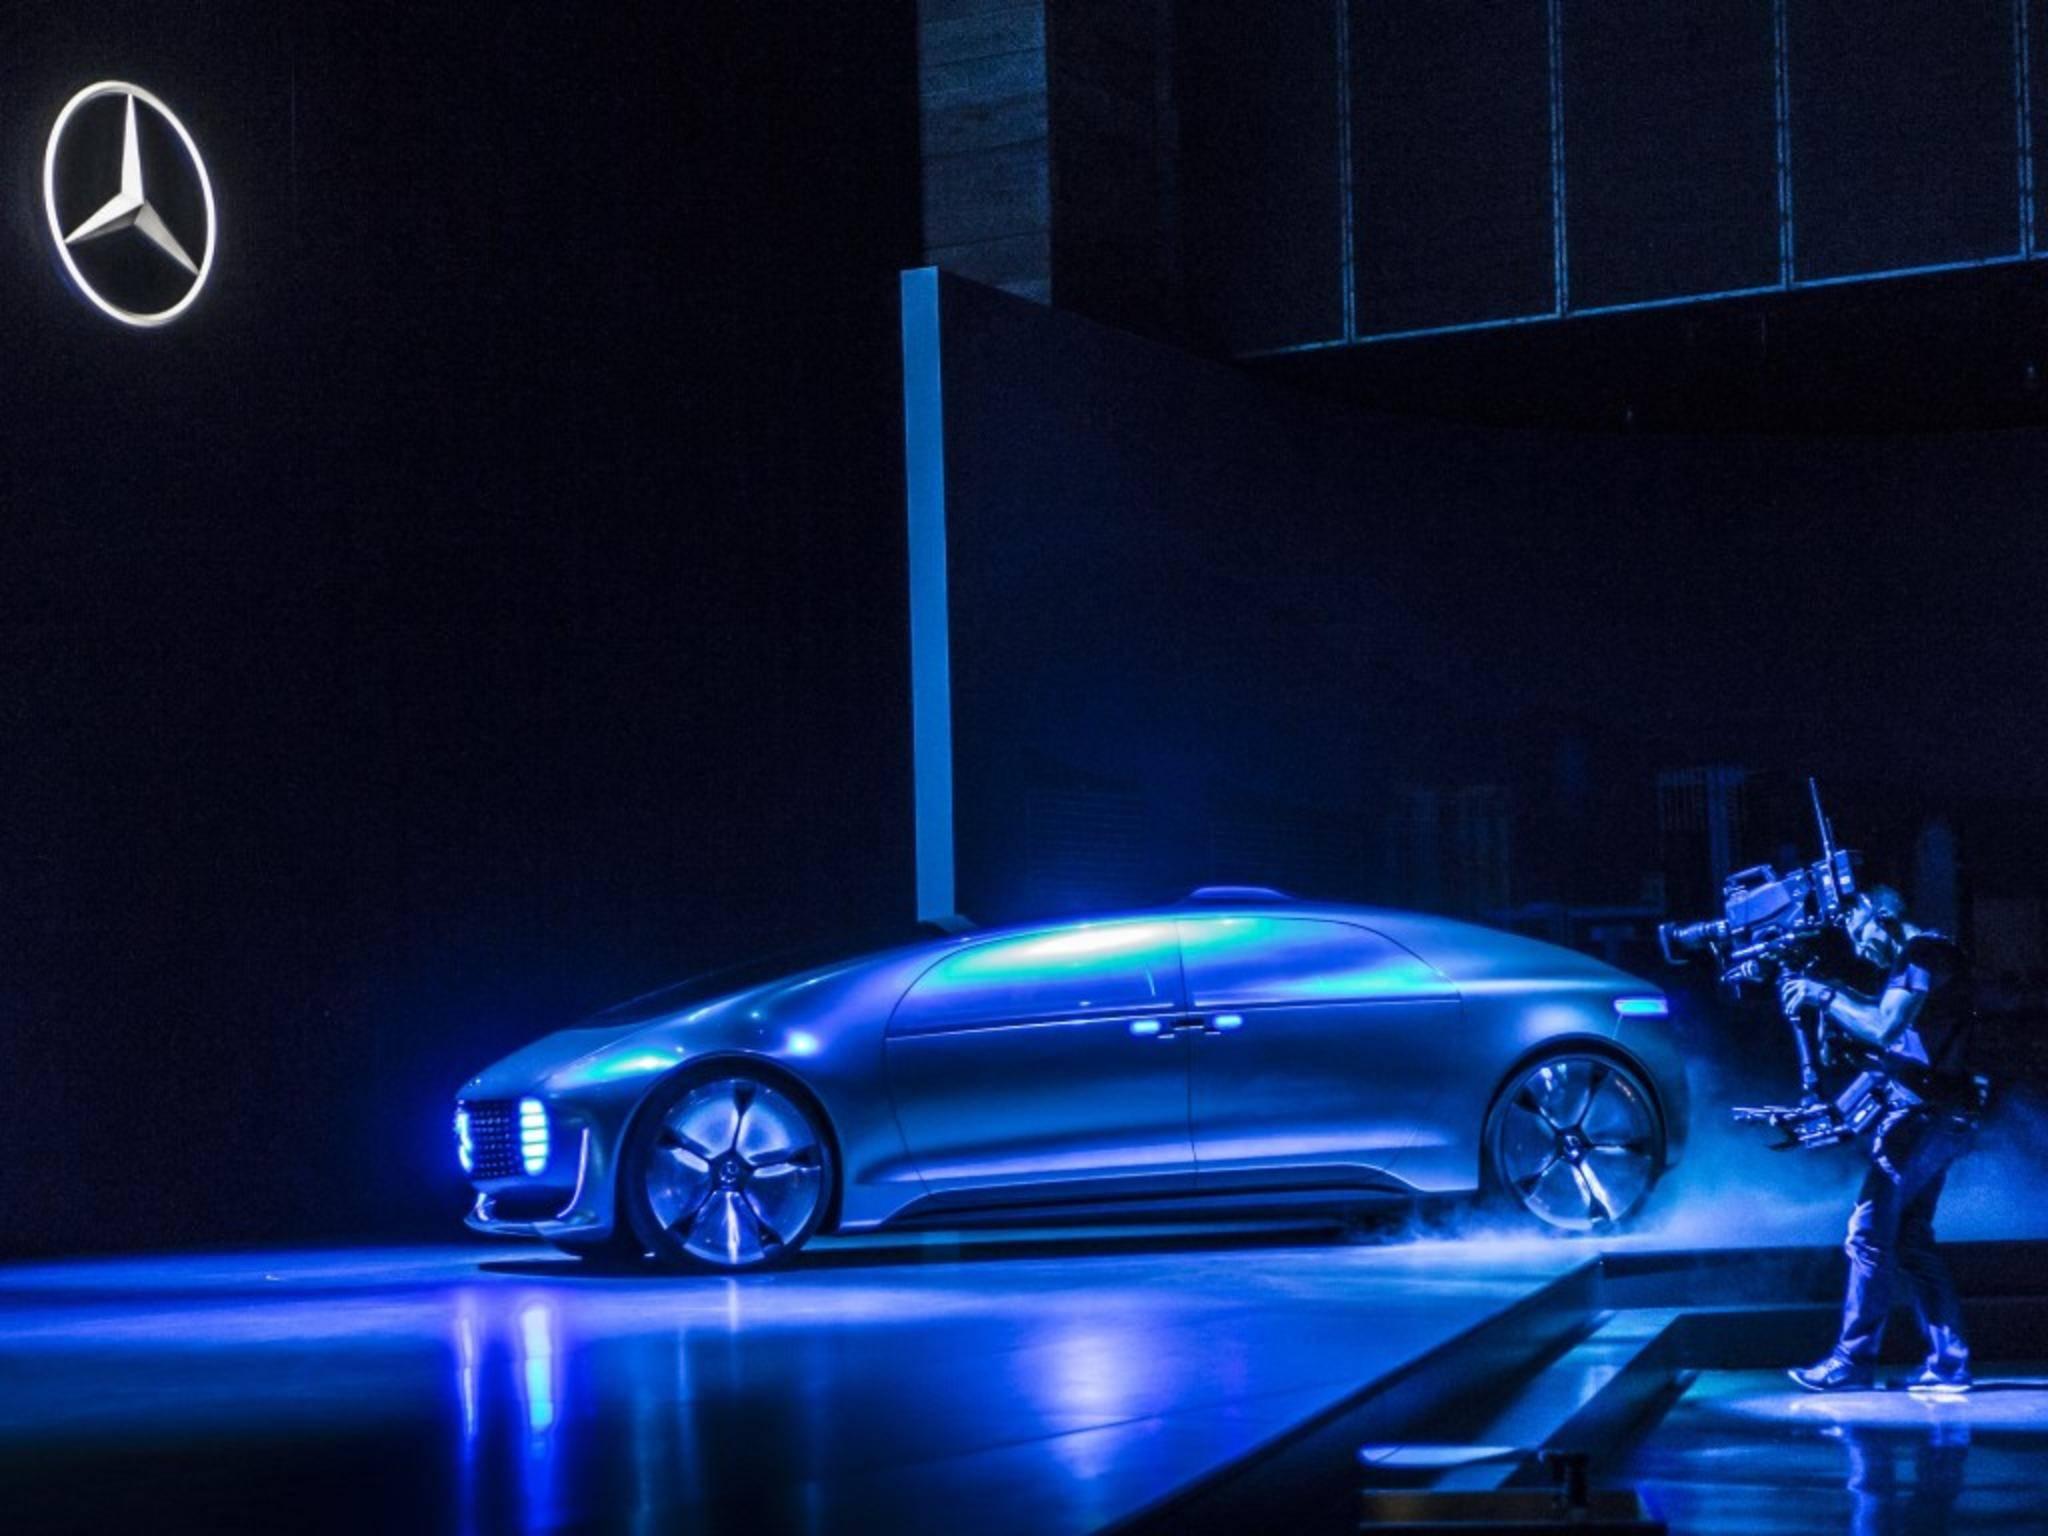 Mercedes zeigt auf der CES den F 015 Luxury in Motion.